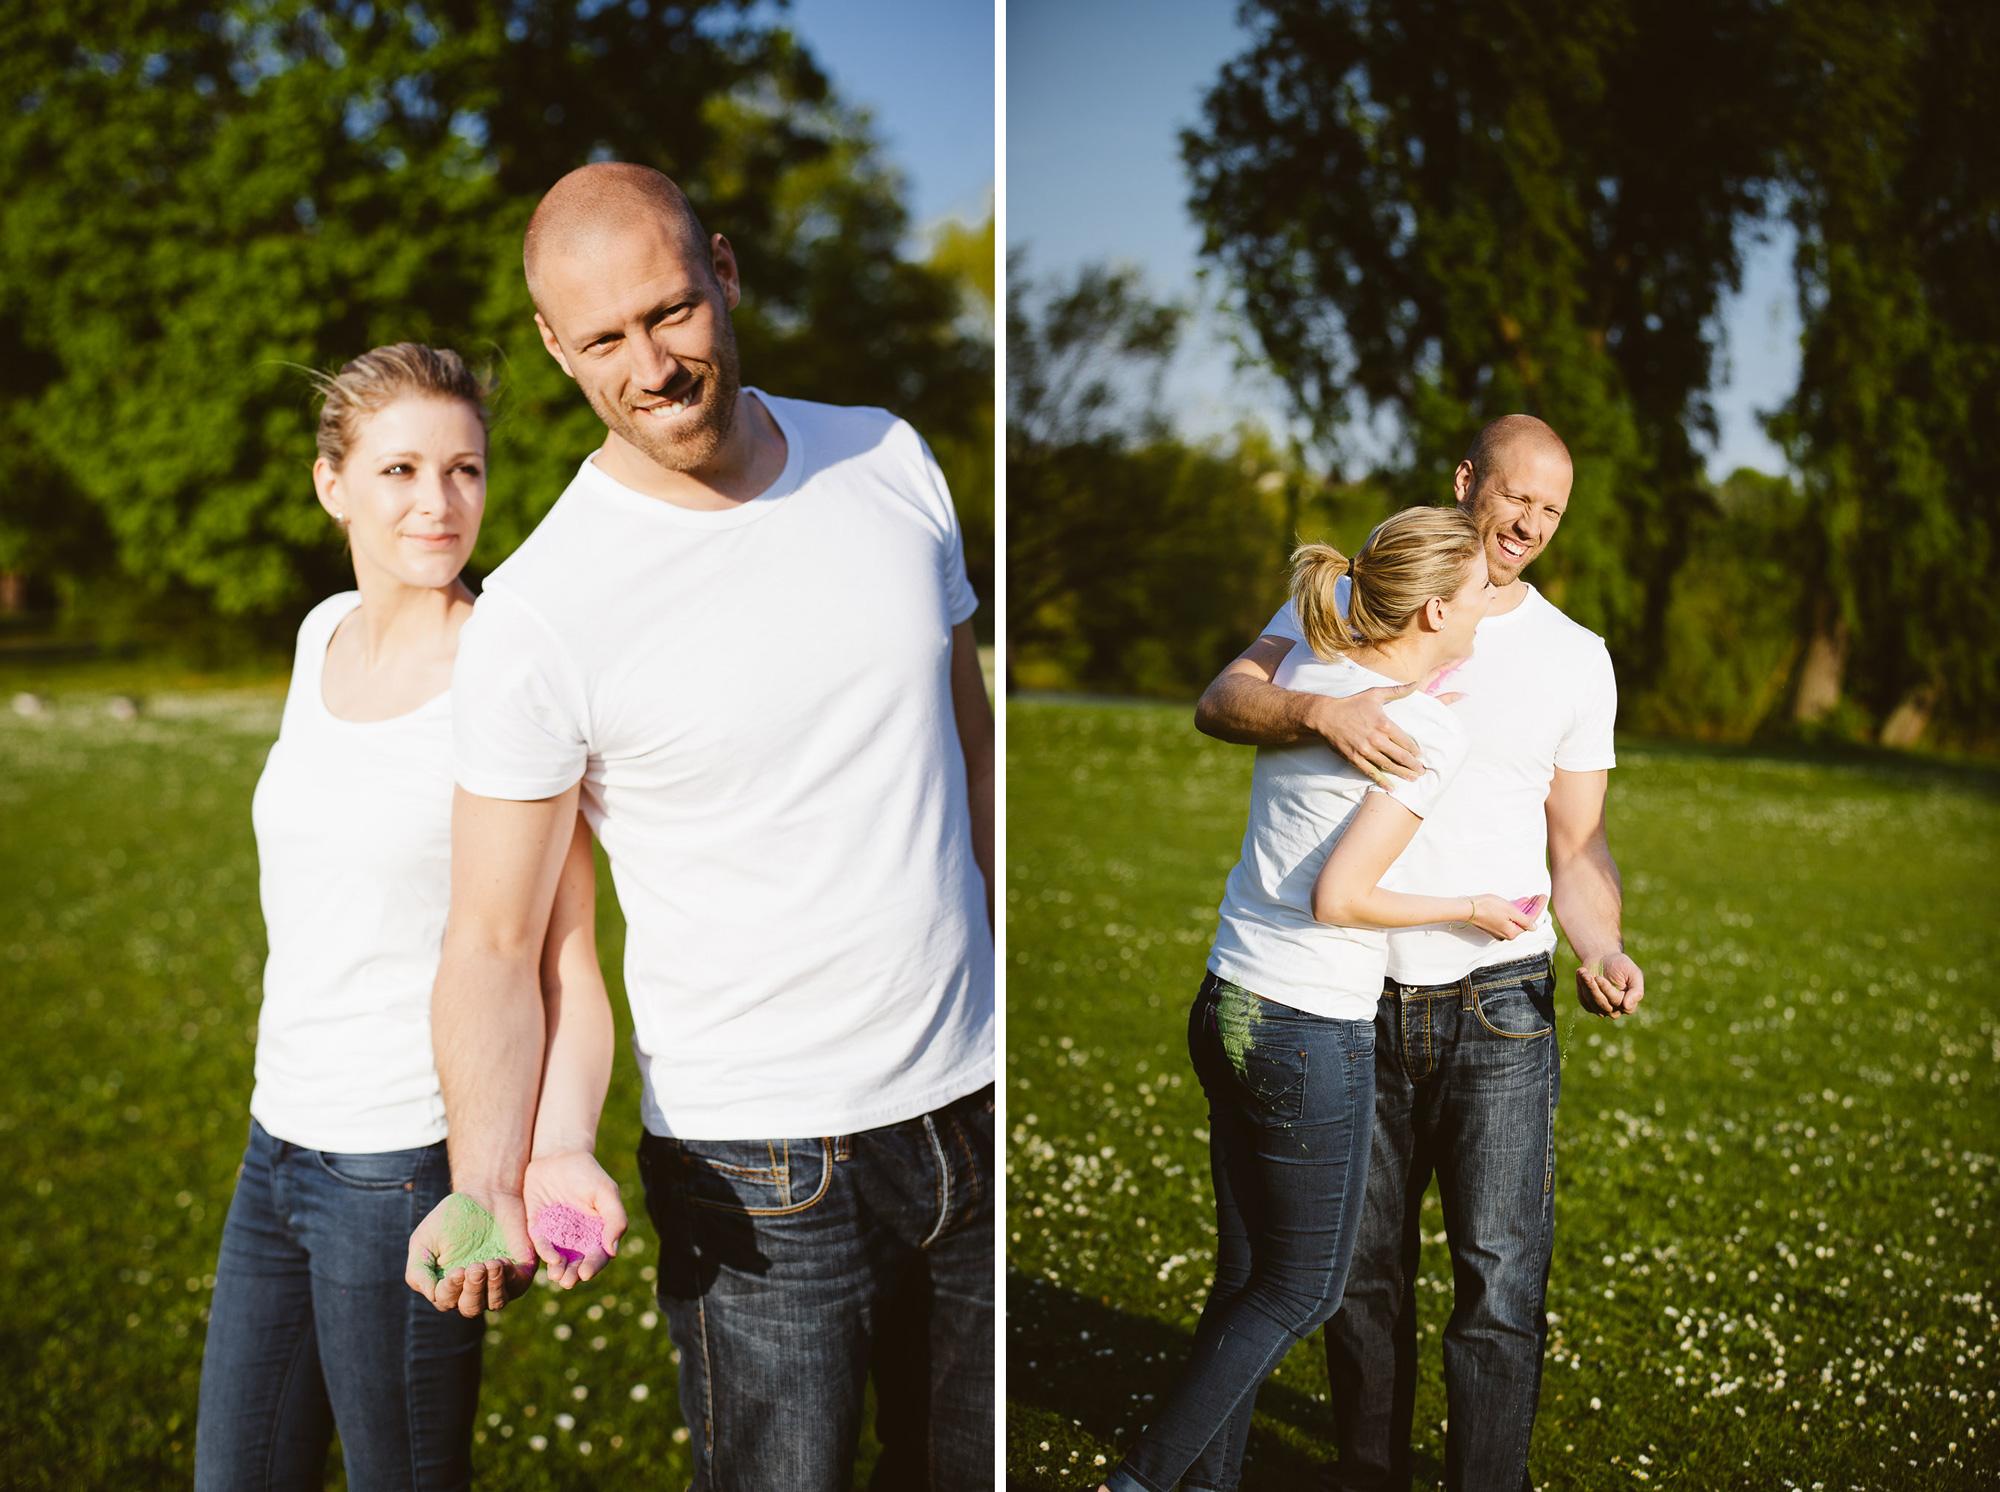 Karo-und-Stefan-Engagement-Foto-Avec-Amis-107